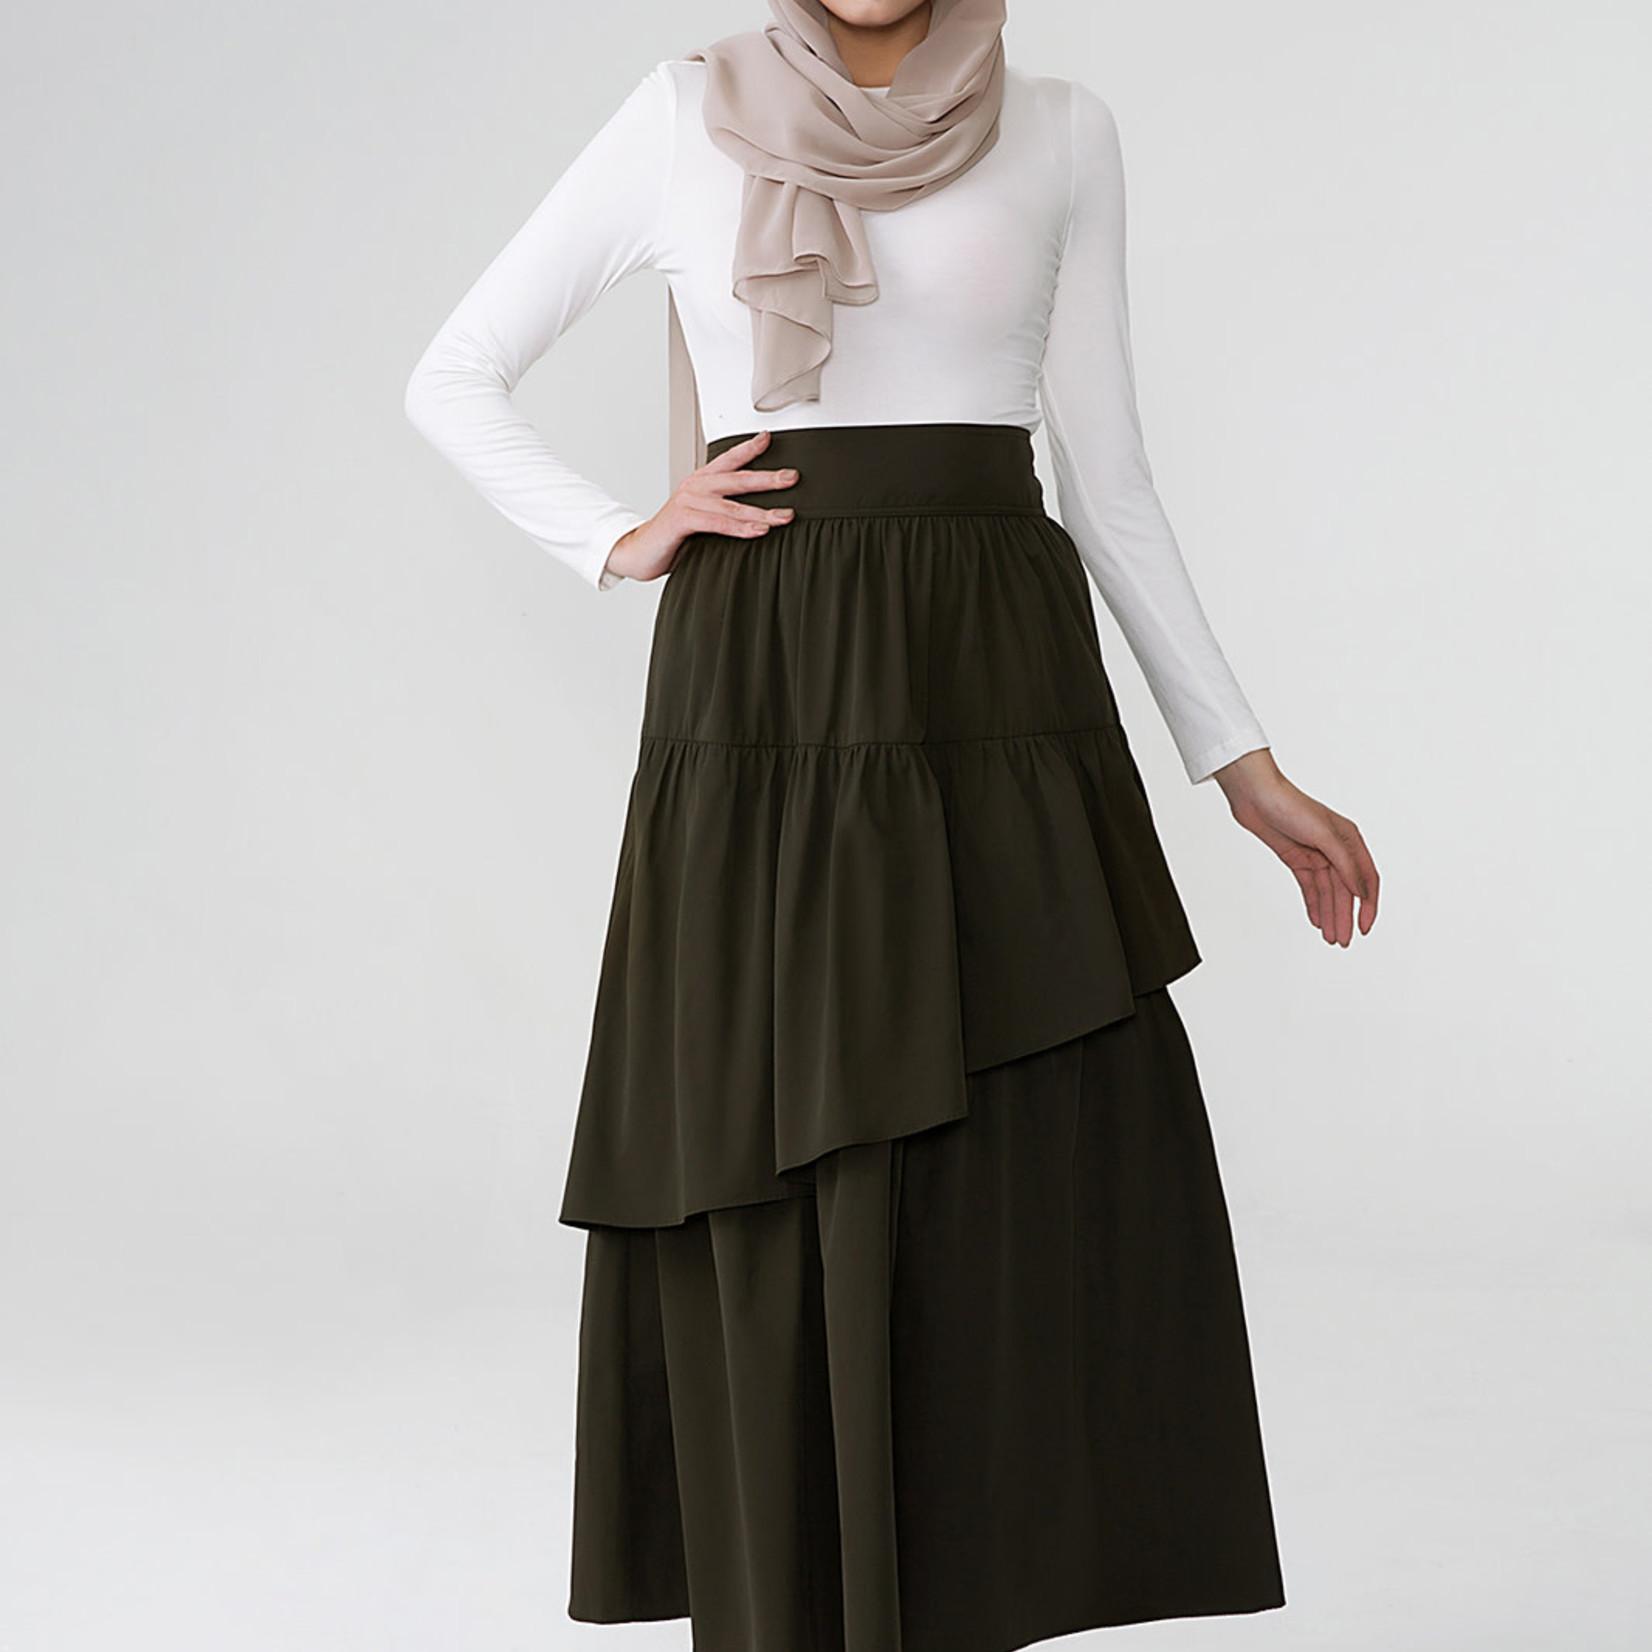 Hijab House Khaki Skirt